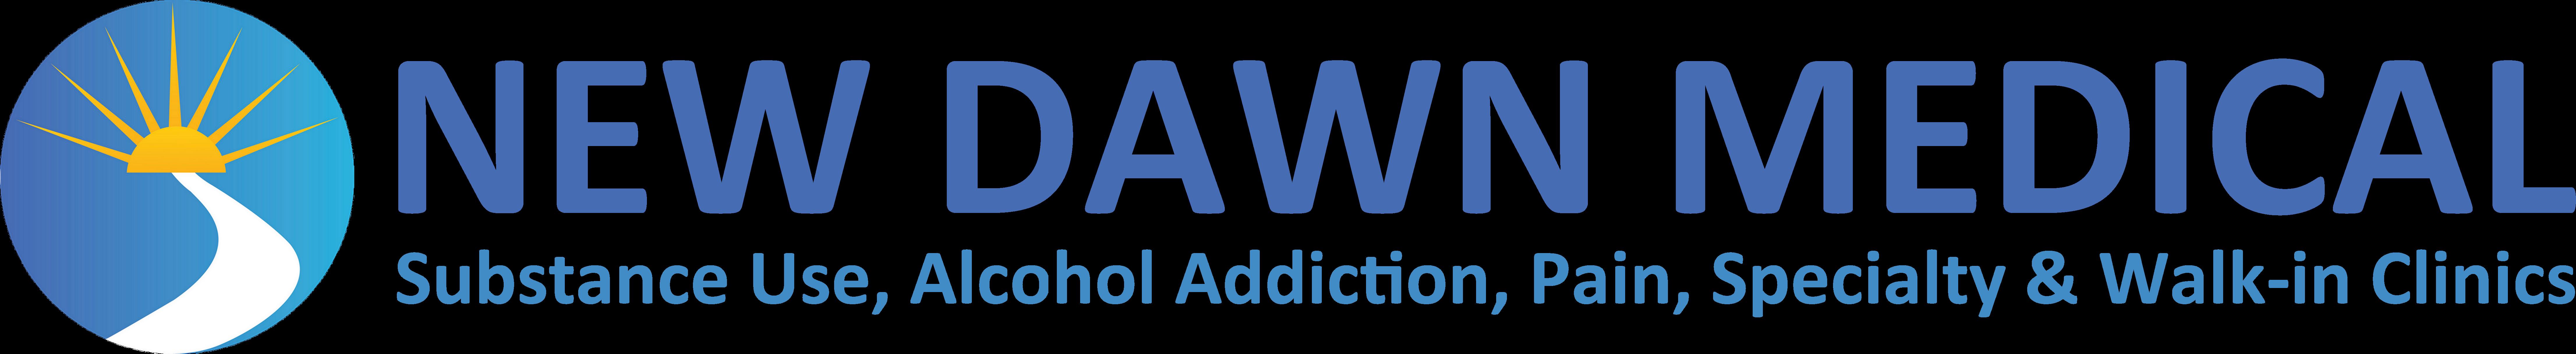 New Dawn Medical Logo